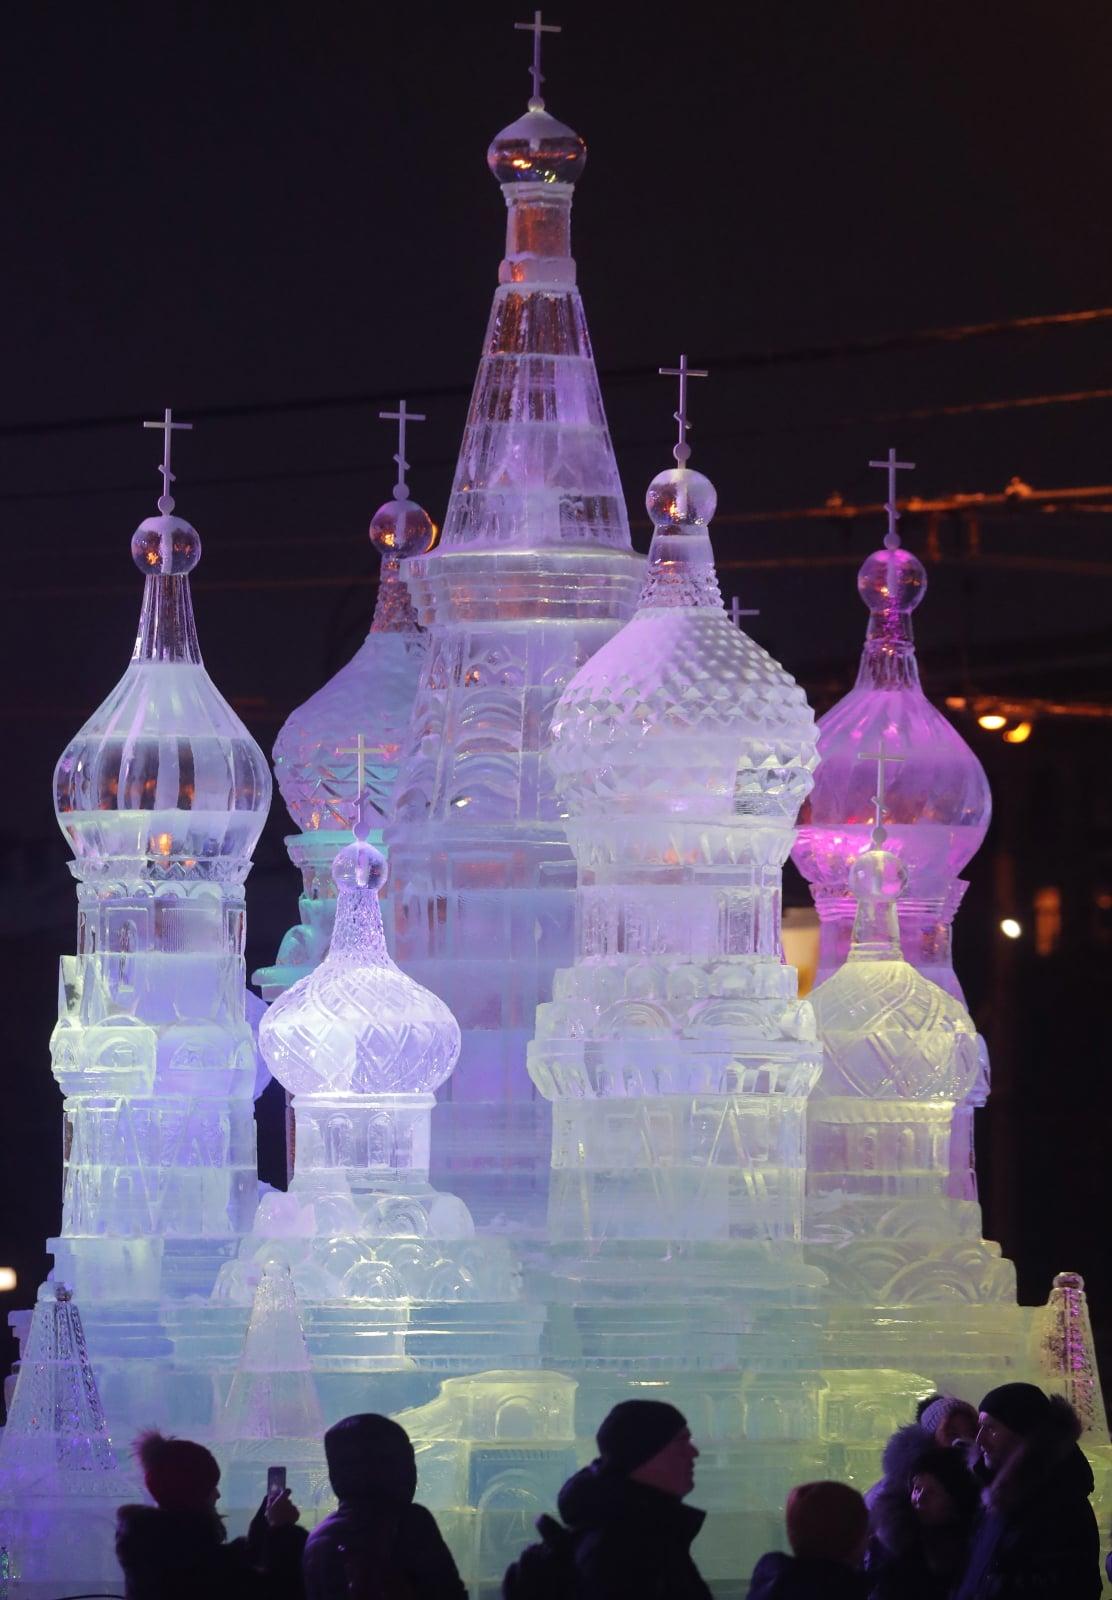 Noworoczne iluminacje świetlne w Moskwie fot. EPA/SERGEI ILNITSKY